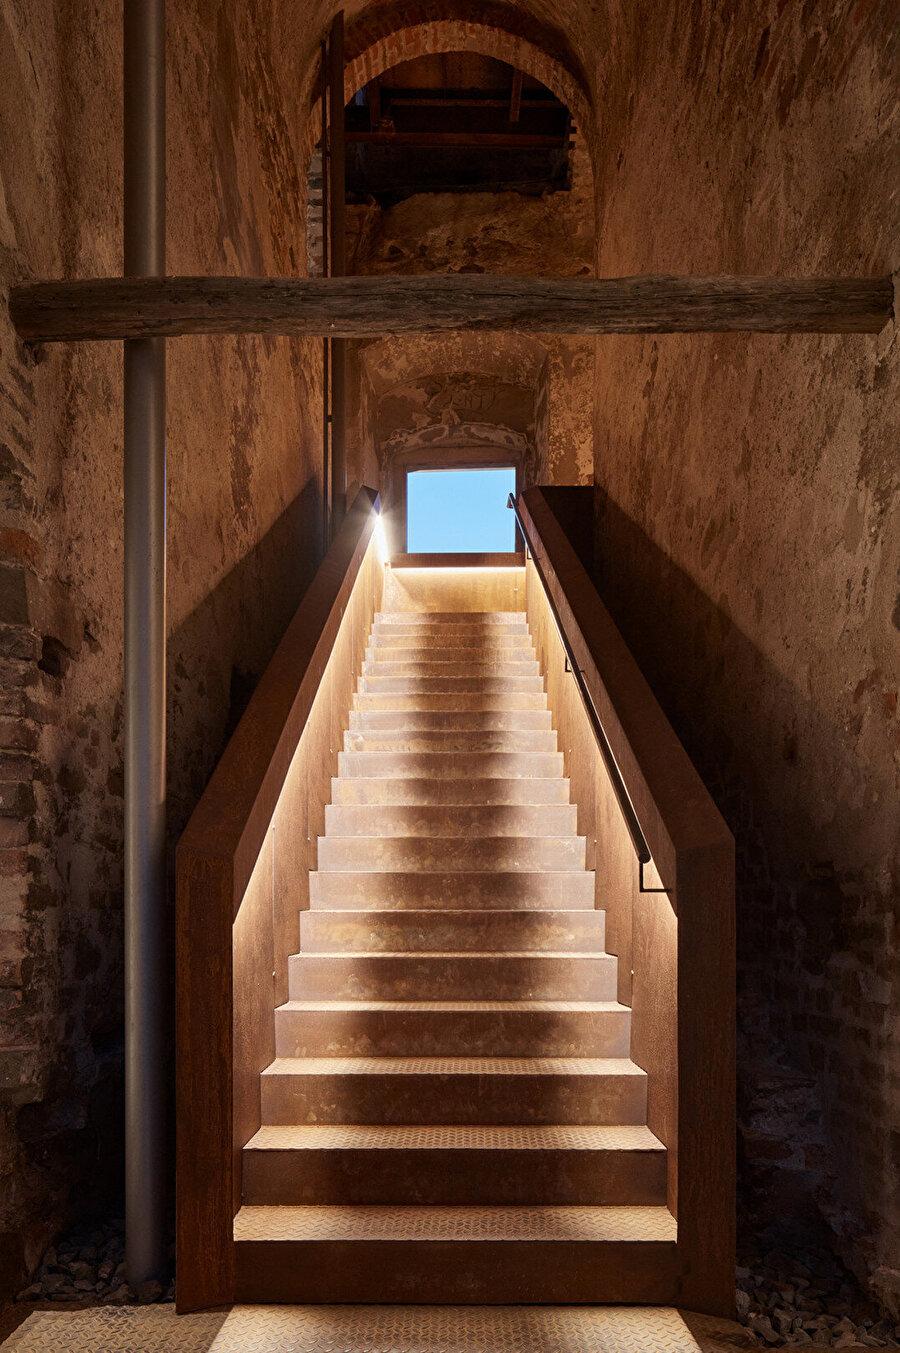 Yapı içerisinde sonradan yapılan eklemeler, tarihi öğelere uyum sağlıyor.